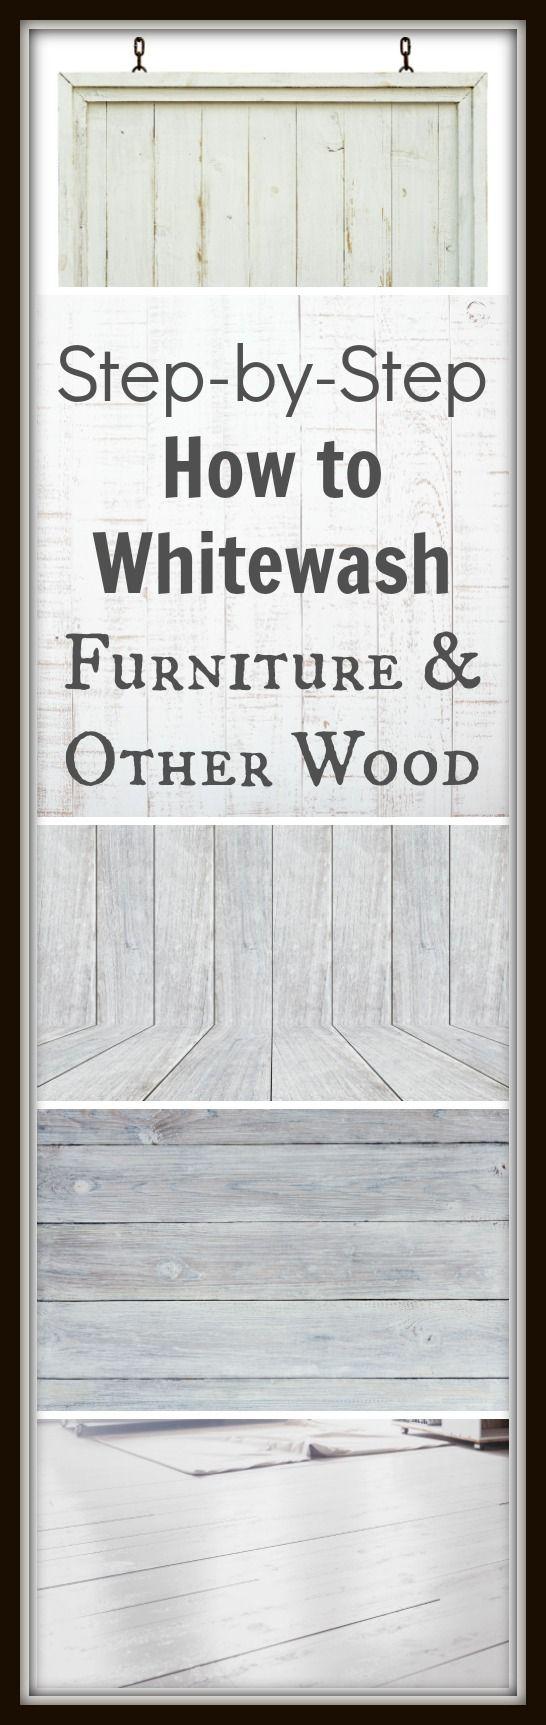 How To Whitewash Furniture U0026 Other Wood | Whitewash Furniture, Woods And  Paint Furniture